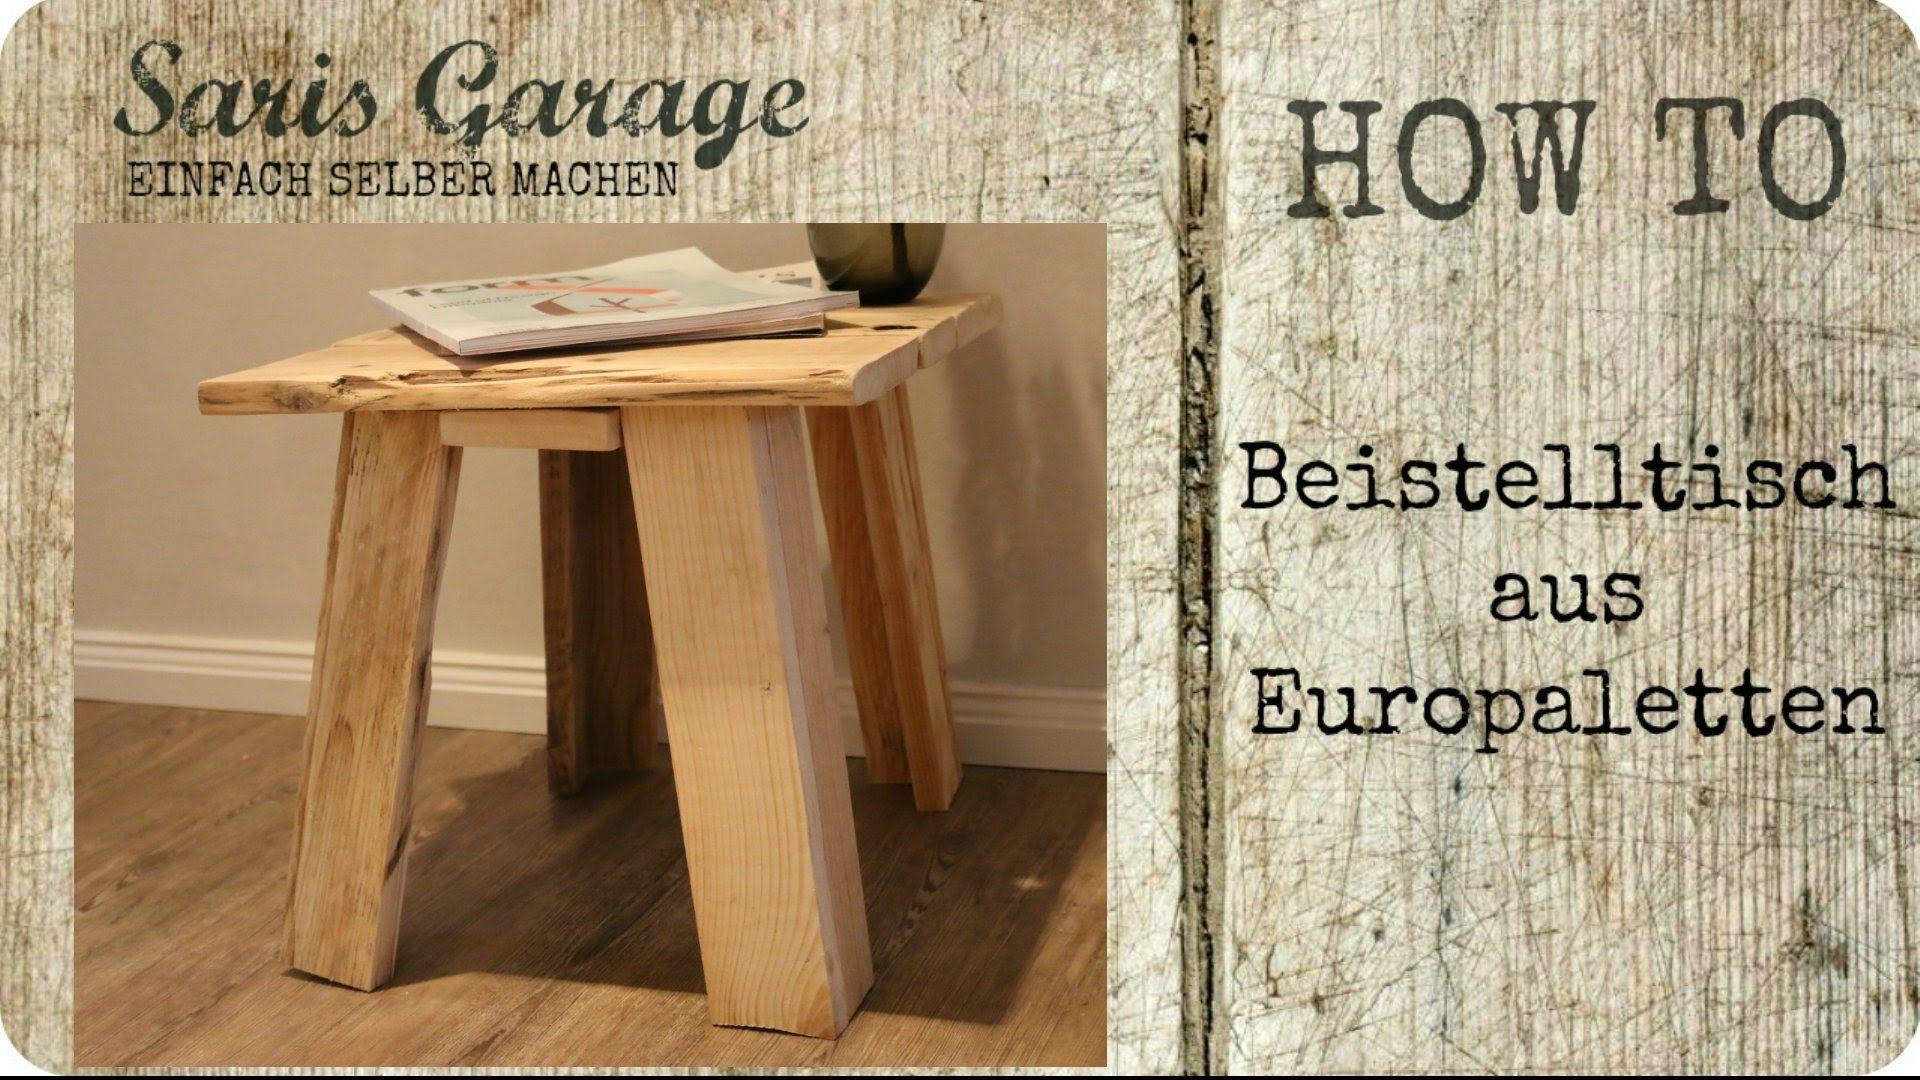 Tisch Aus Paletten Bauen beistelltisch aus paletten selber bauen upcycling diy vintage